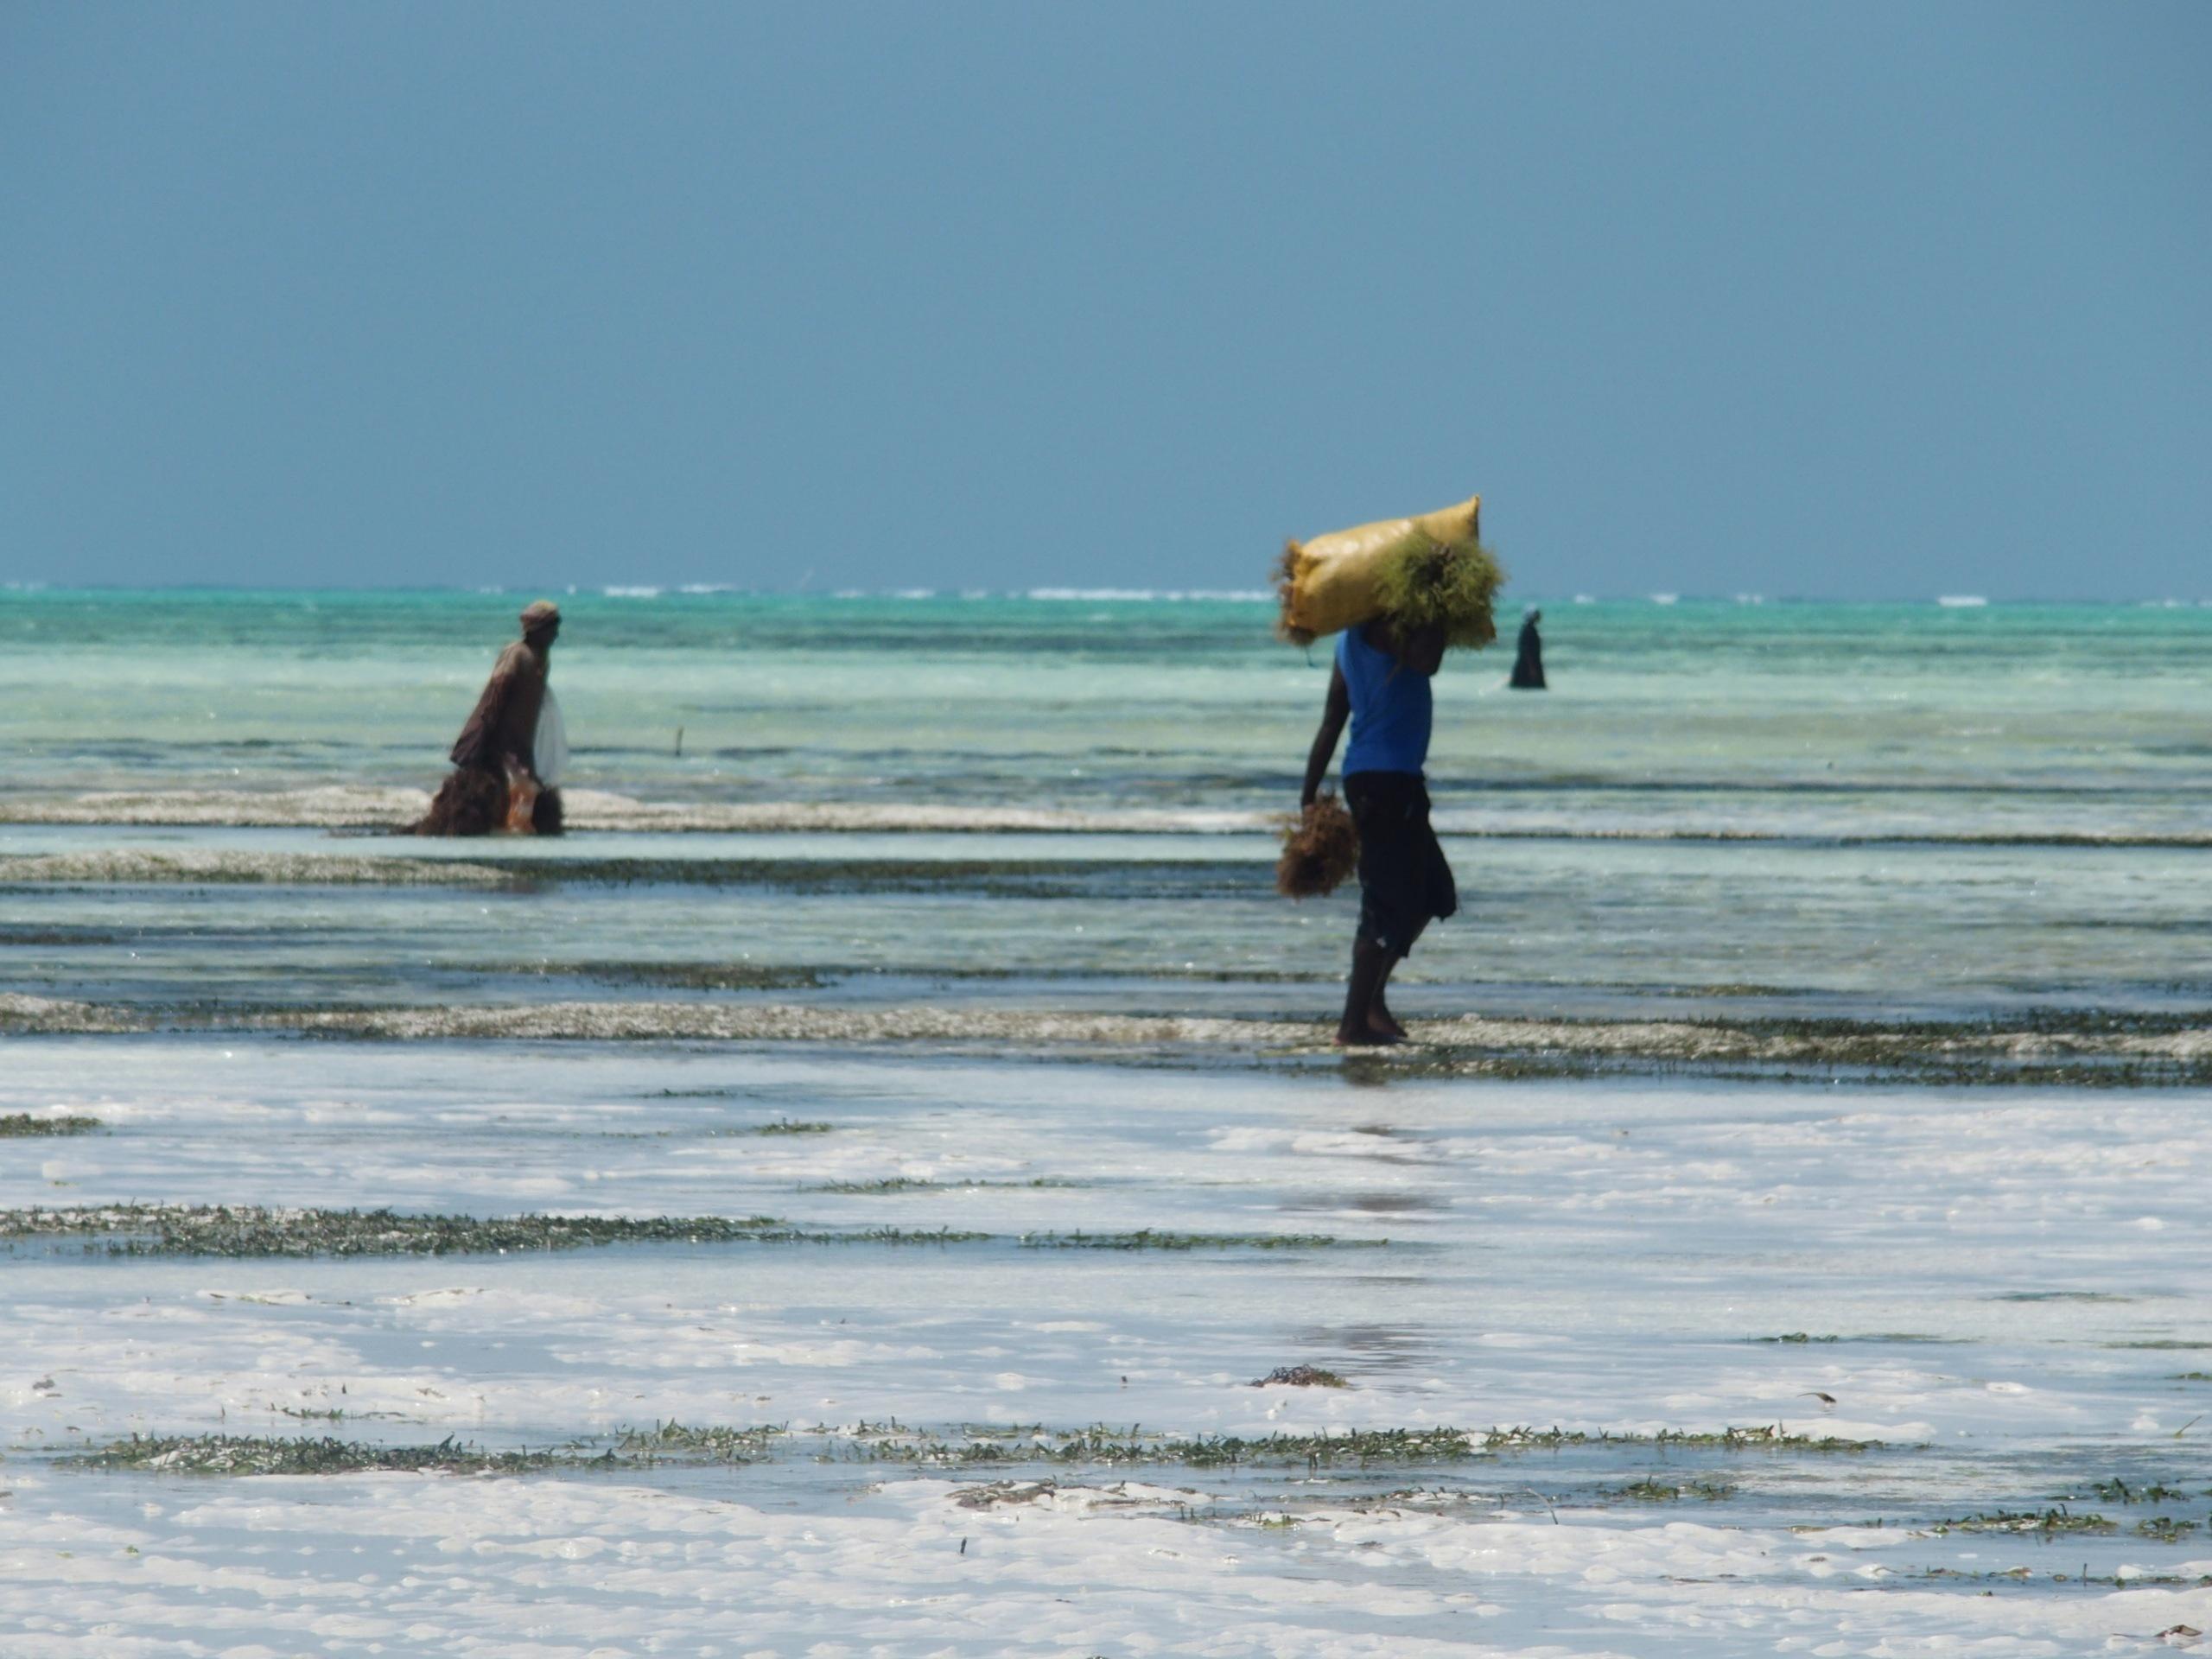 Sacs dalgues en fin de collecte Pongwe Zanzibar